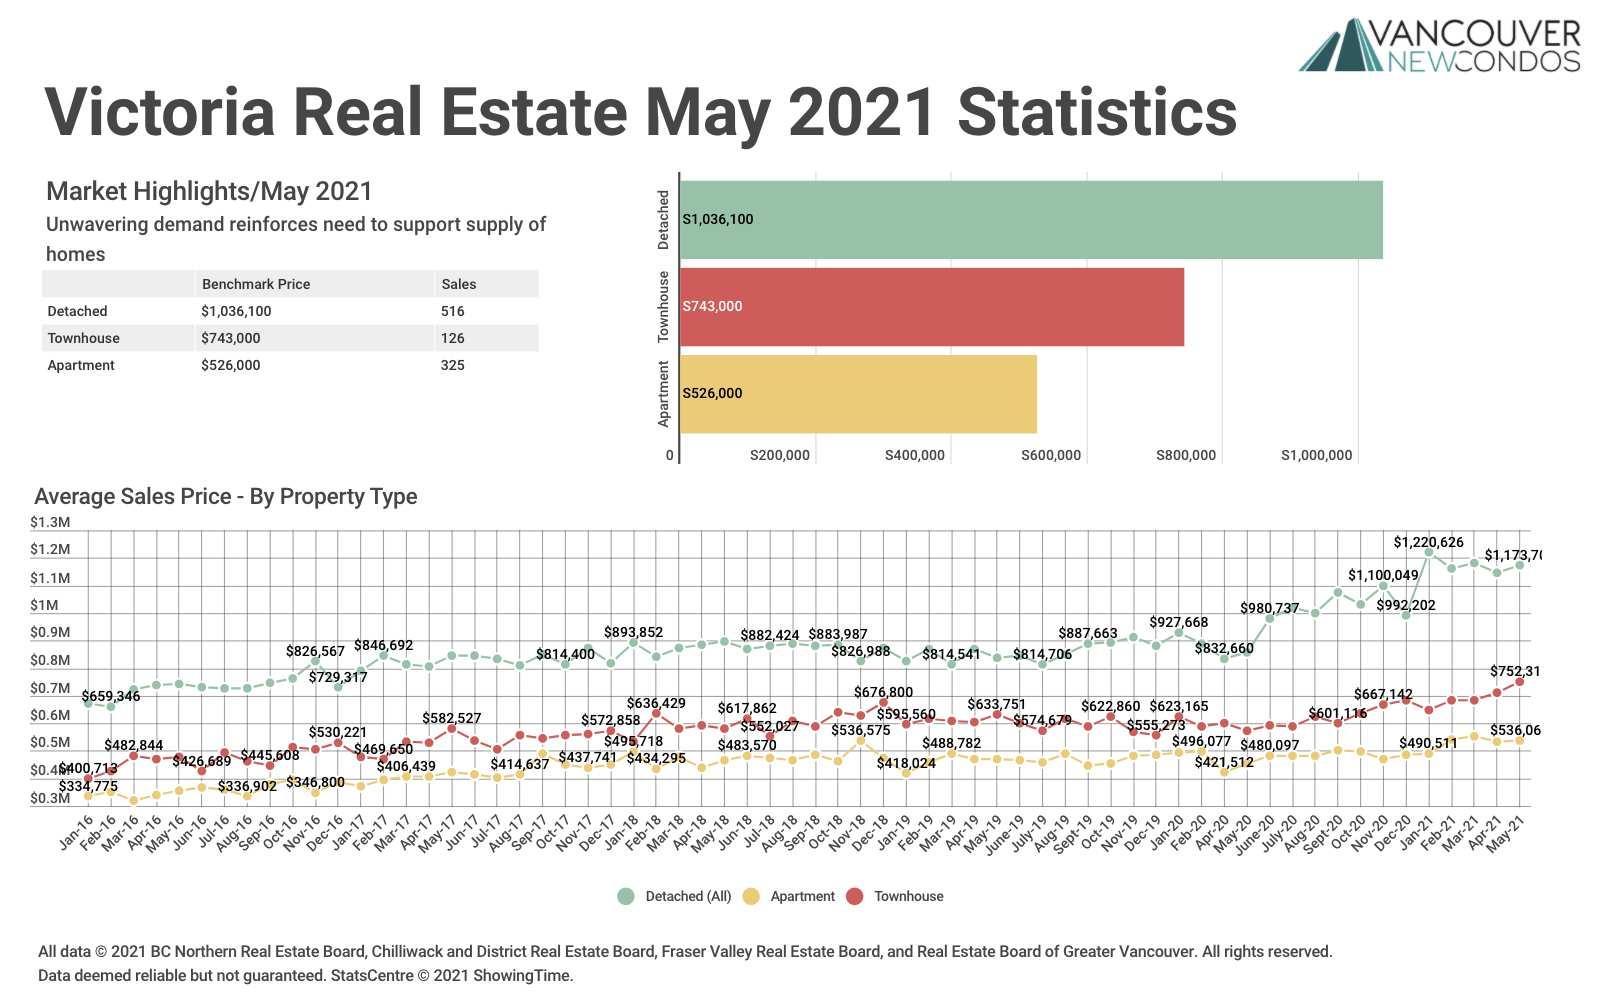 VREB May 21 Stats Graph